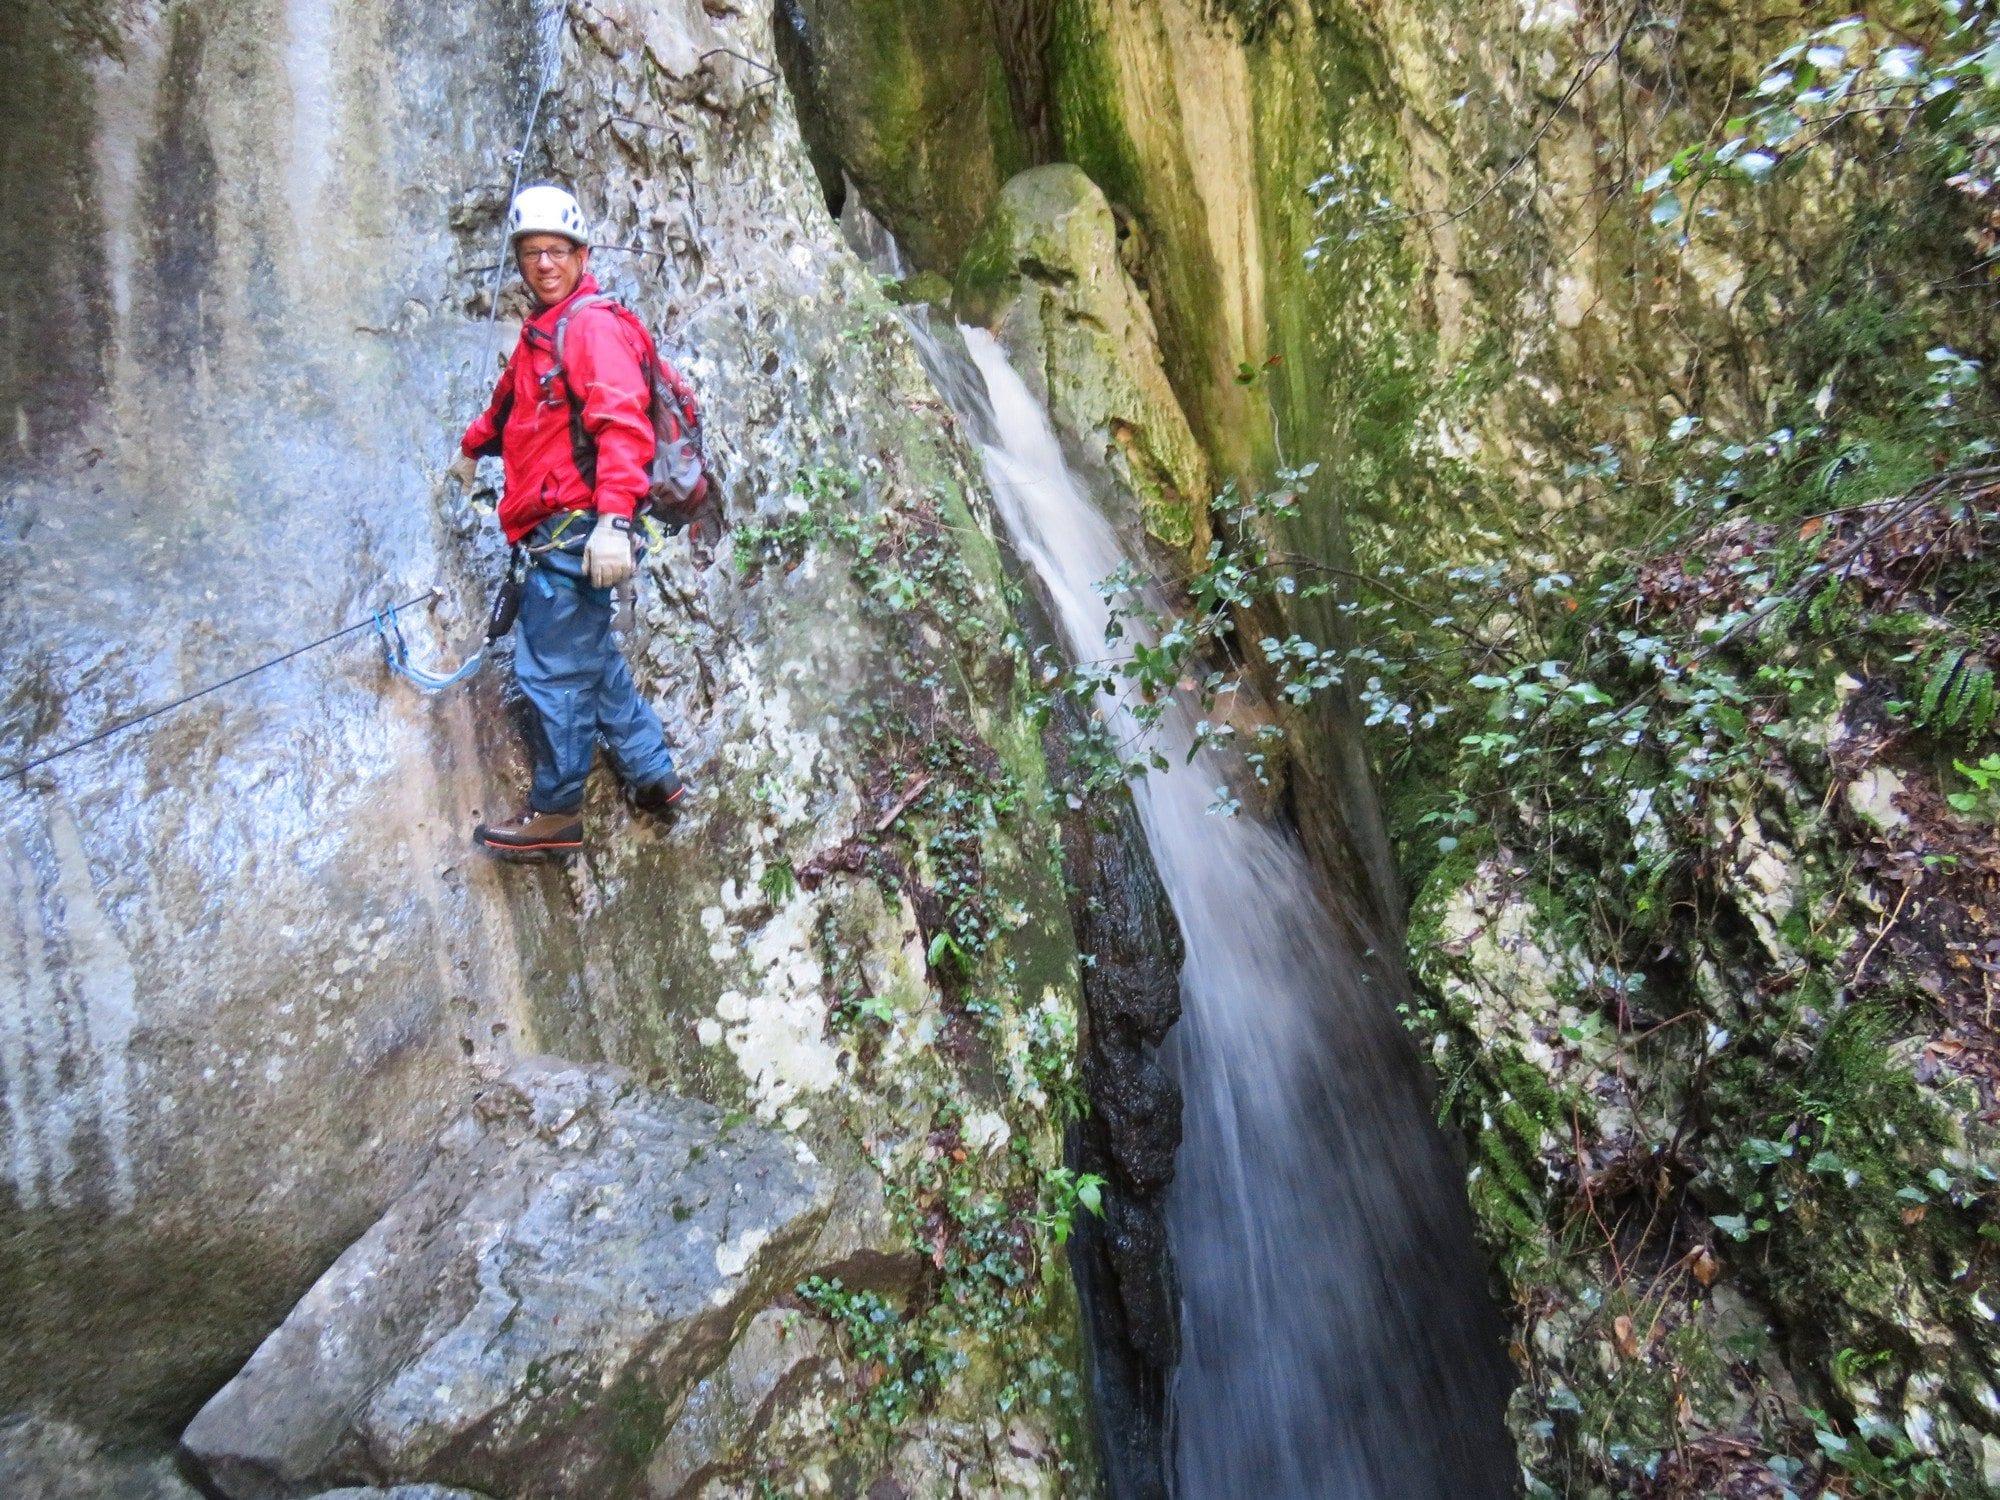 ויה פראטה Sallagoni, טיול אתגר, צפון איטליה, ערוצים בטבע